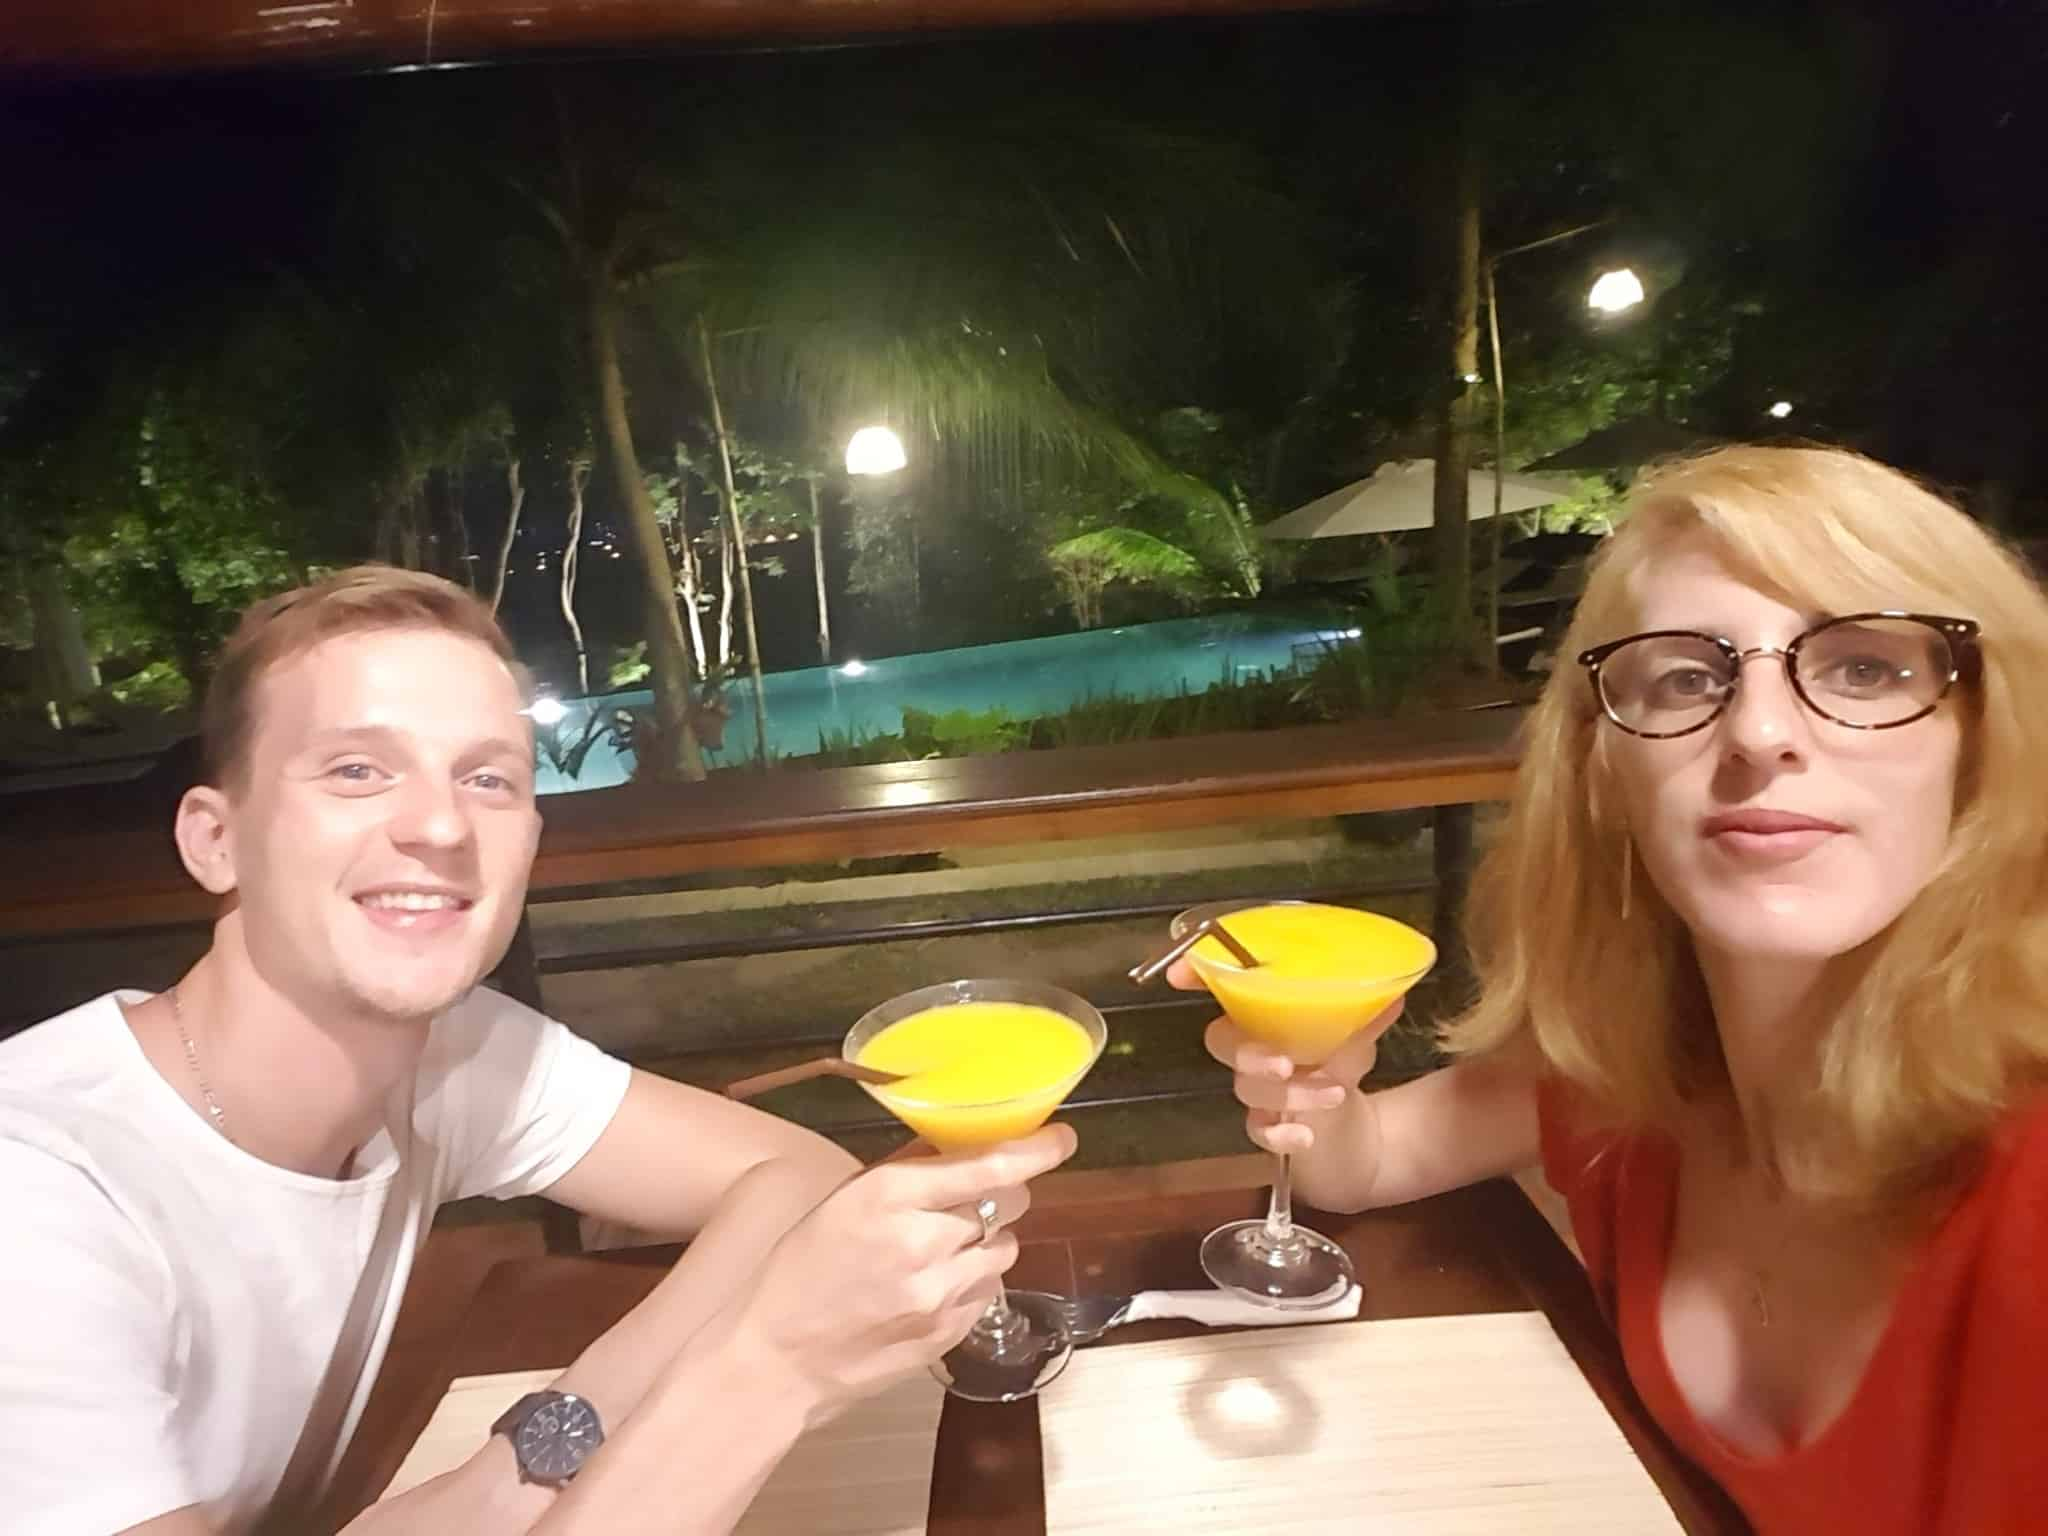 Cambodge, 4 jours au paradis dans le plus bel hôtel de Sihanoukville 😍 8